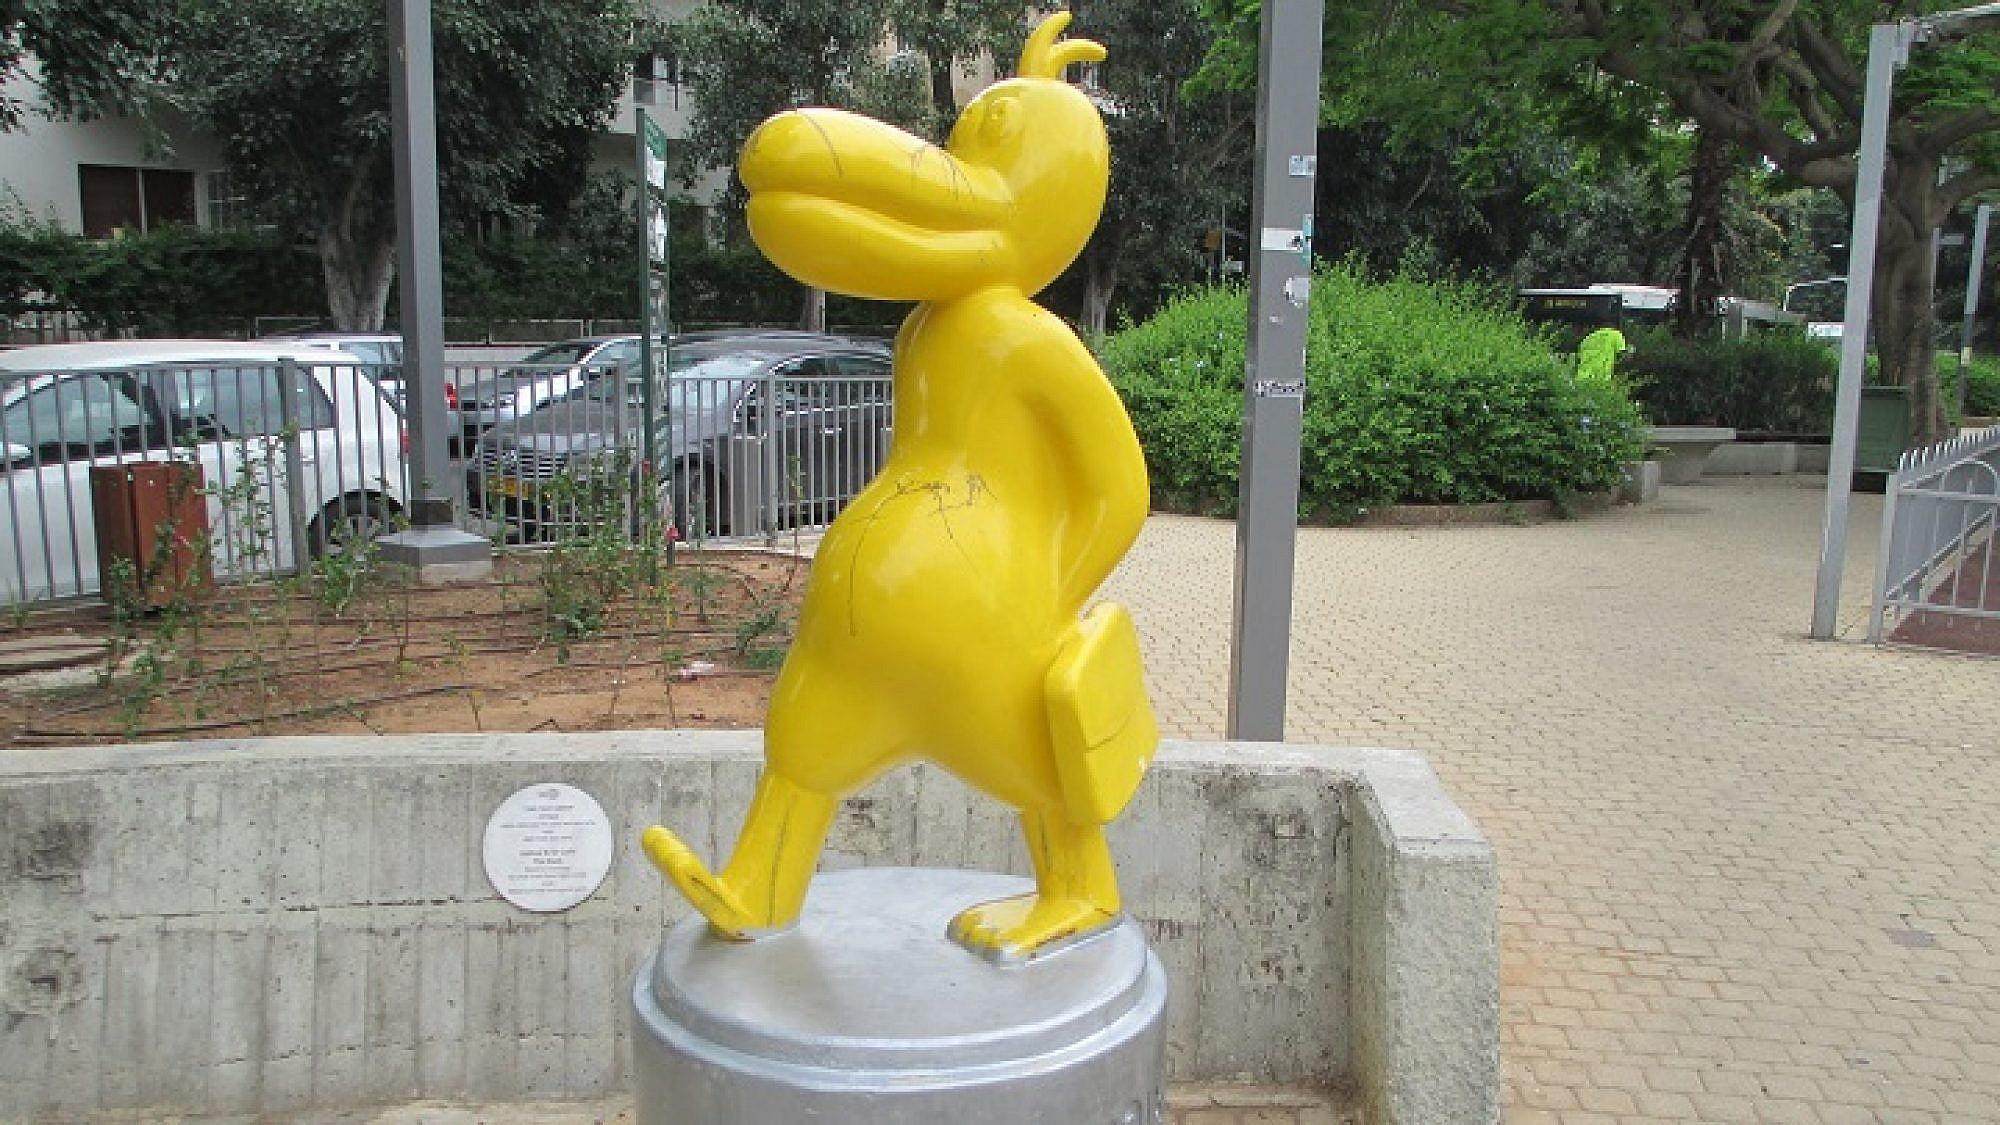 פסל הברווז של דודו גבע (צילום: אבישי טייכר)